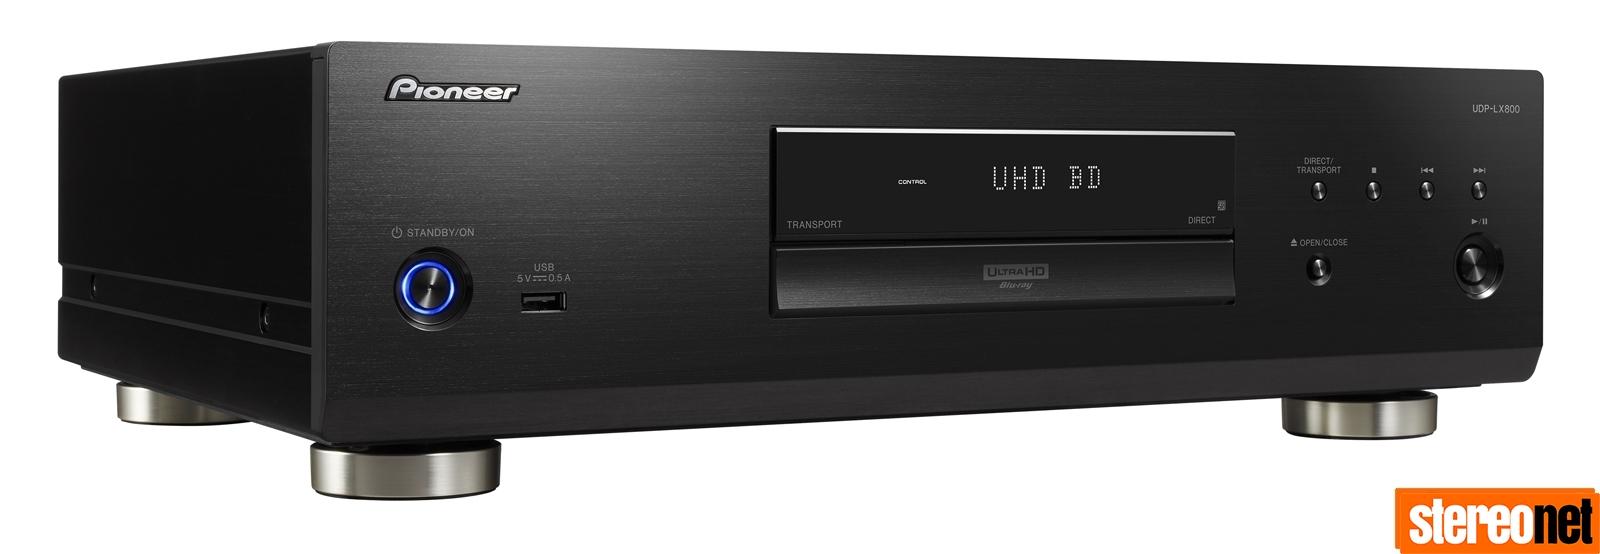 Pioneer UDP-LX800 Review